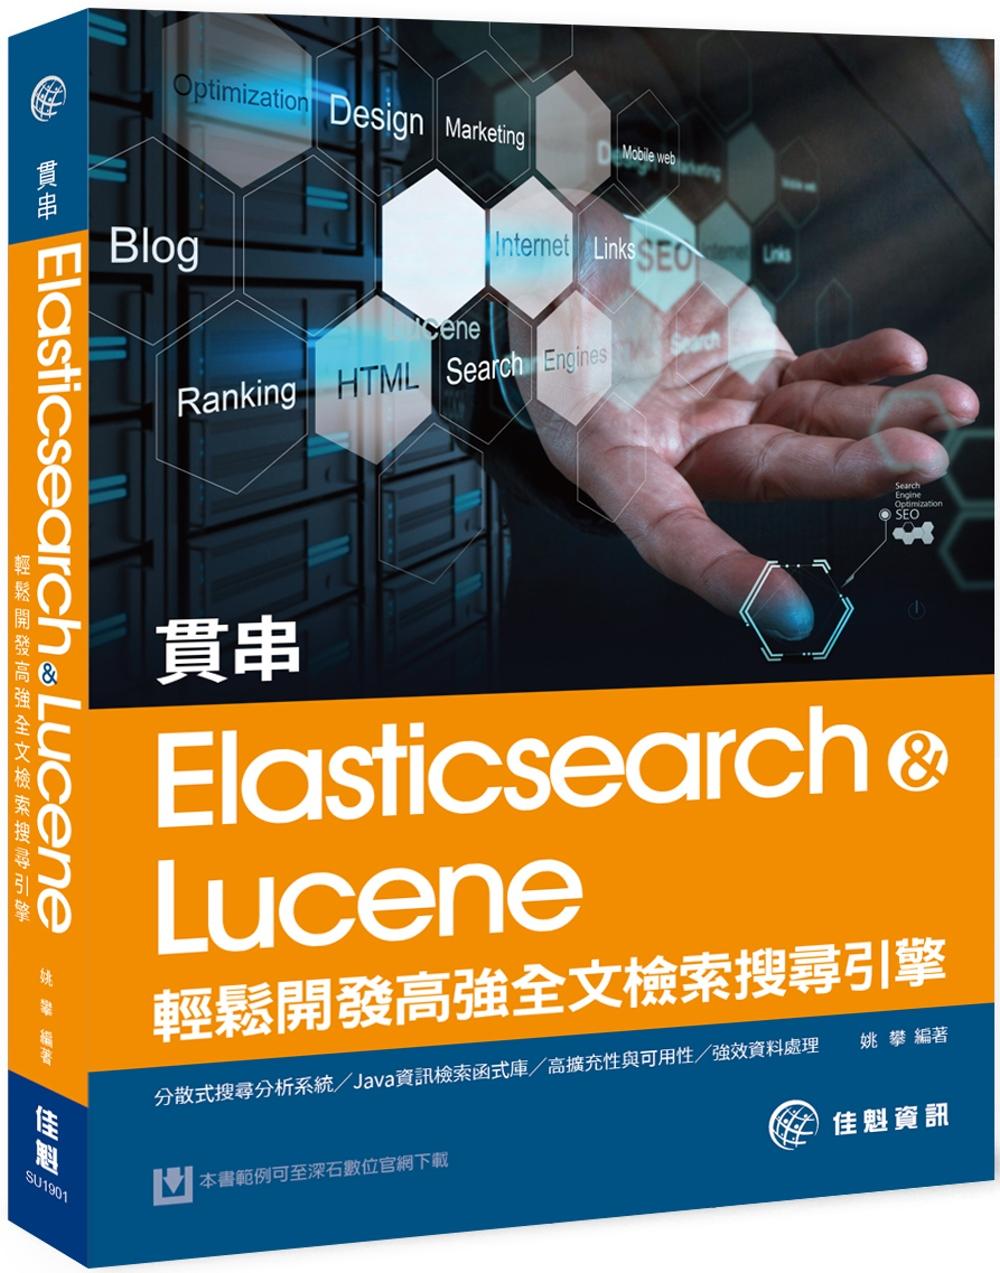 貫串Elasticsearch...